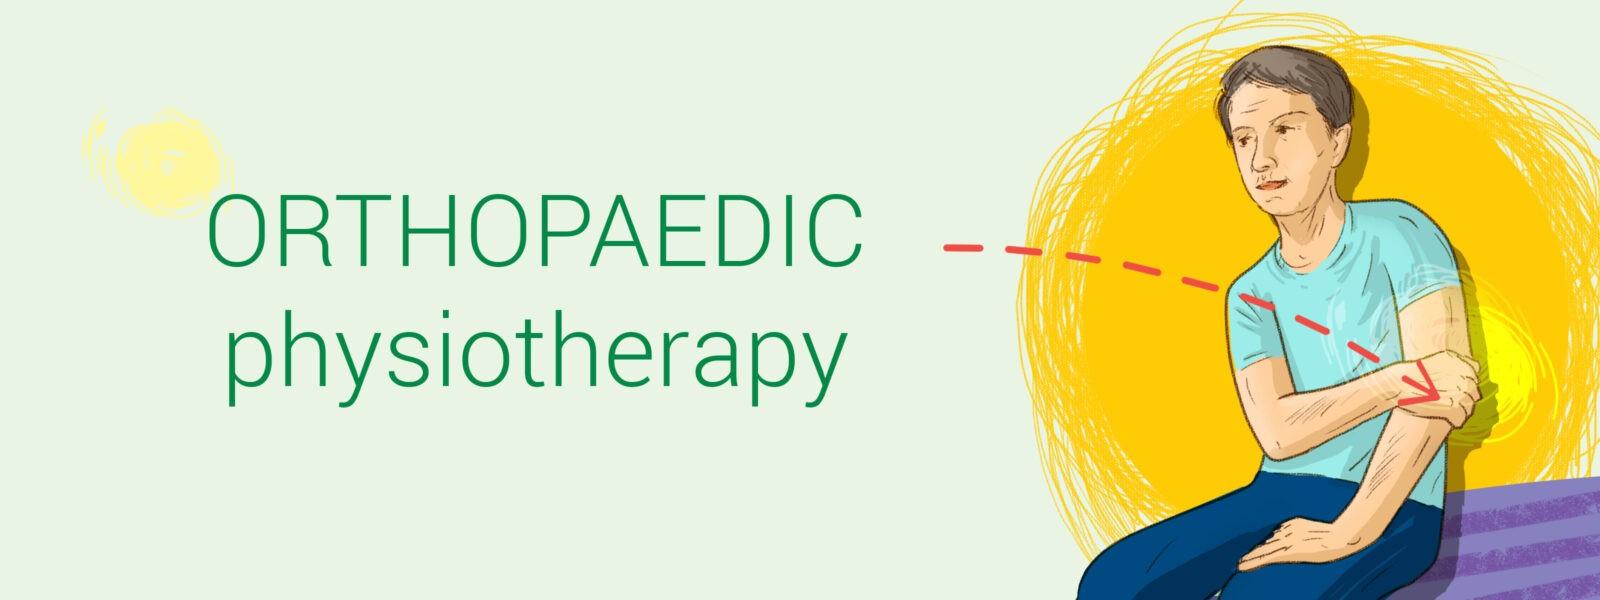 Orthopaedic physiotherapy Fizjoterapia Panaceum Kraków Paweł Czarnocki